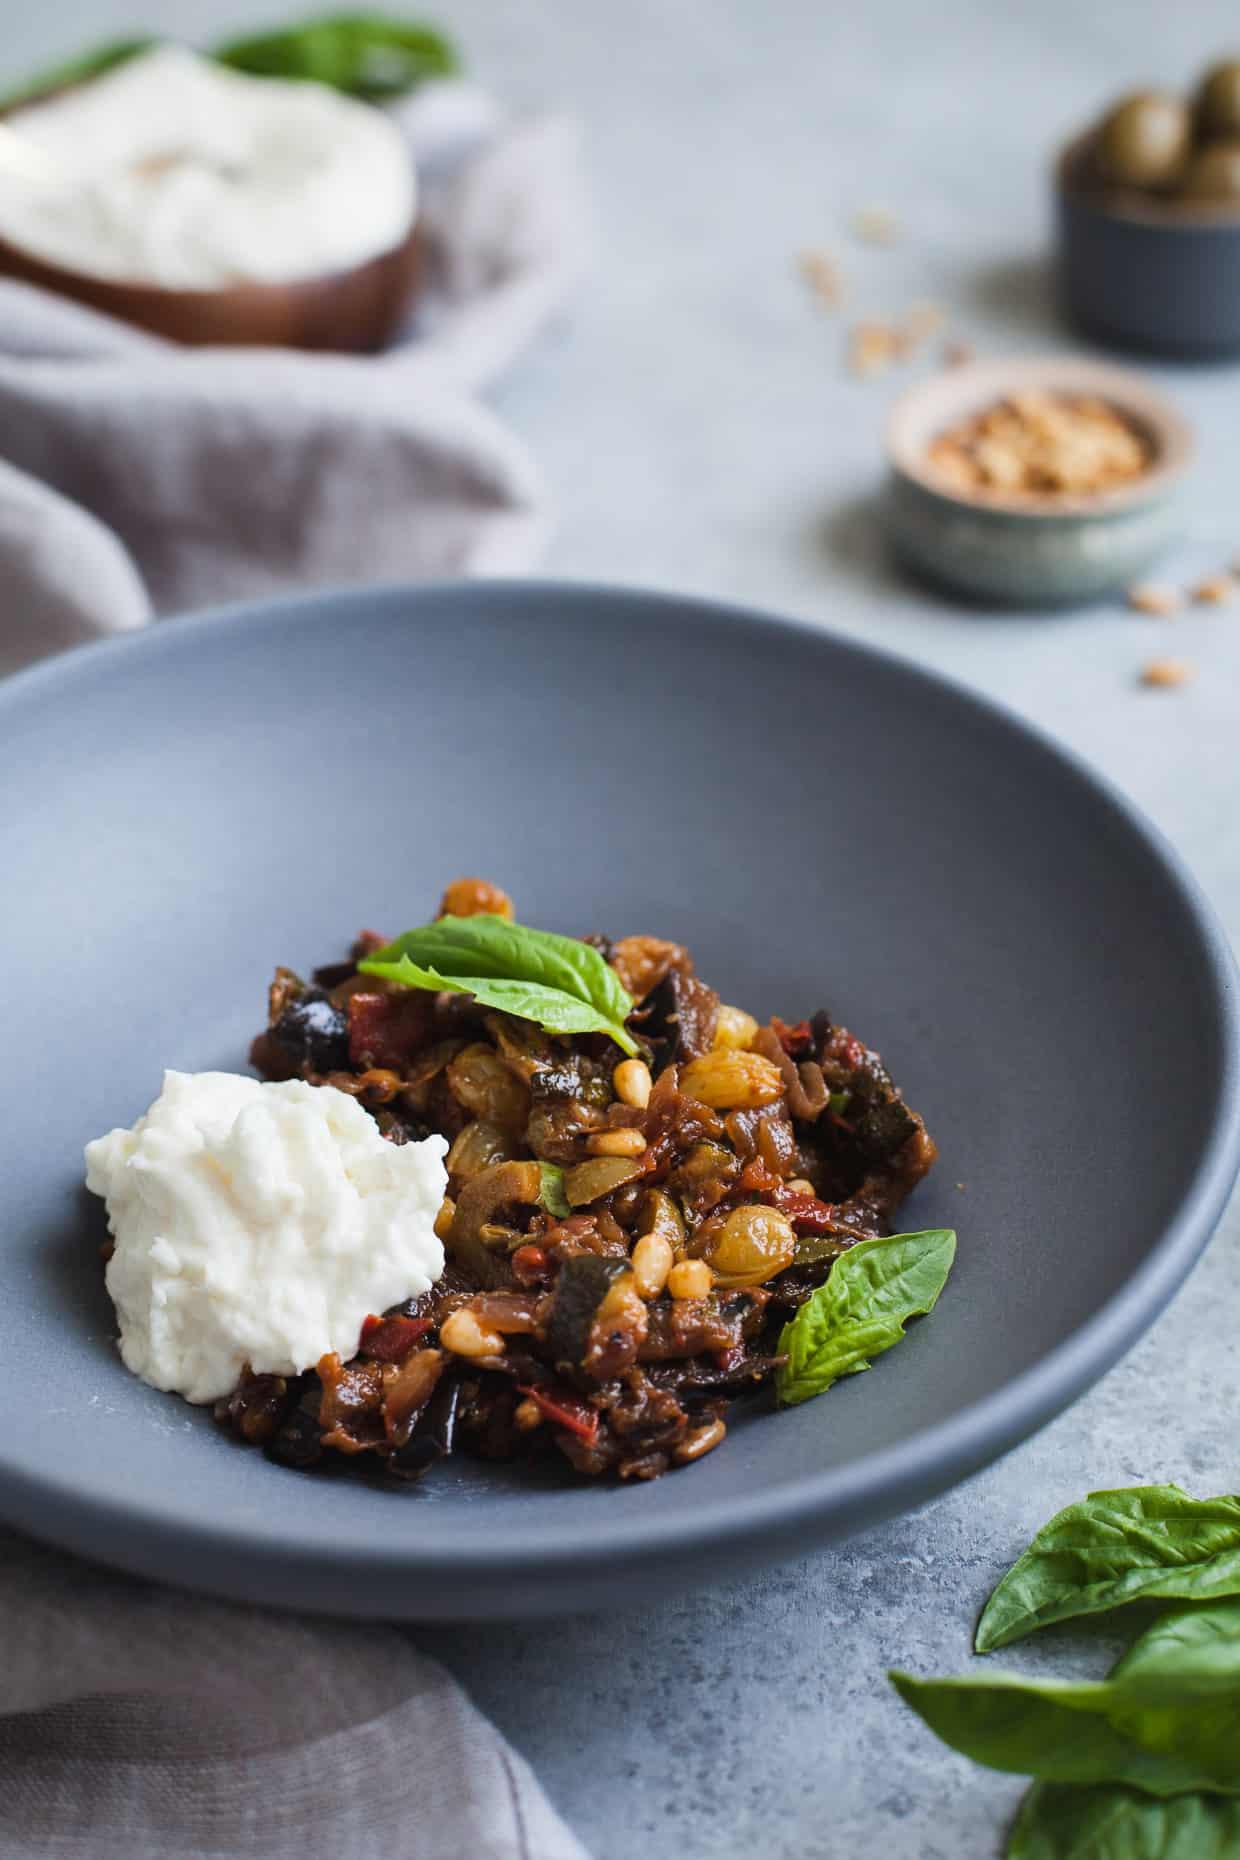 Eggplant and Zucchini Caponata with Burrata